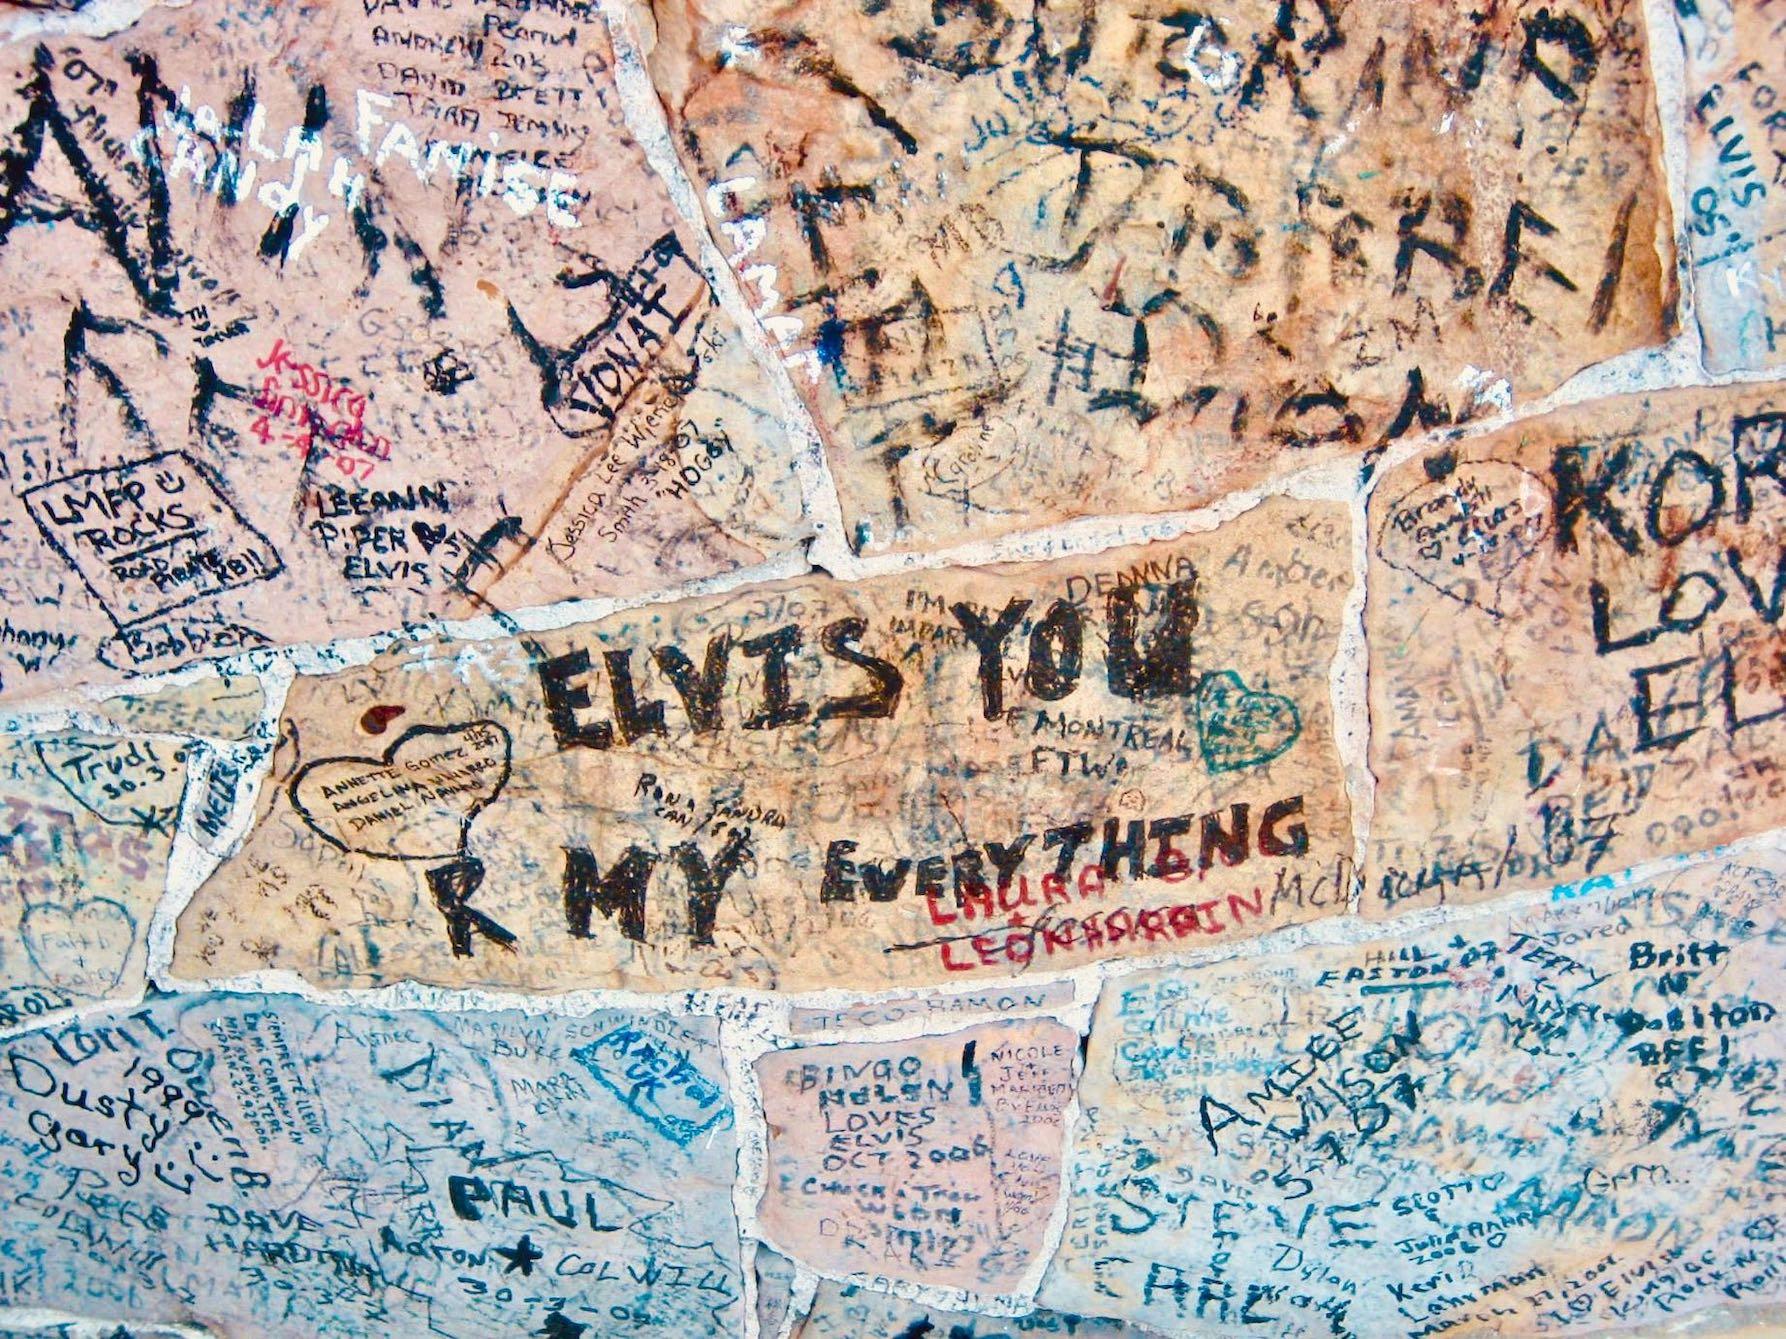 Fan graffiti at Graceland in Memphis.